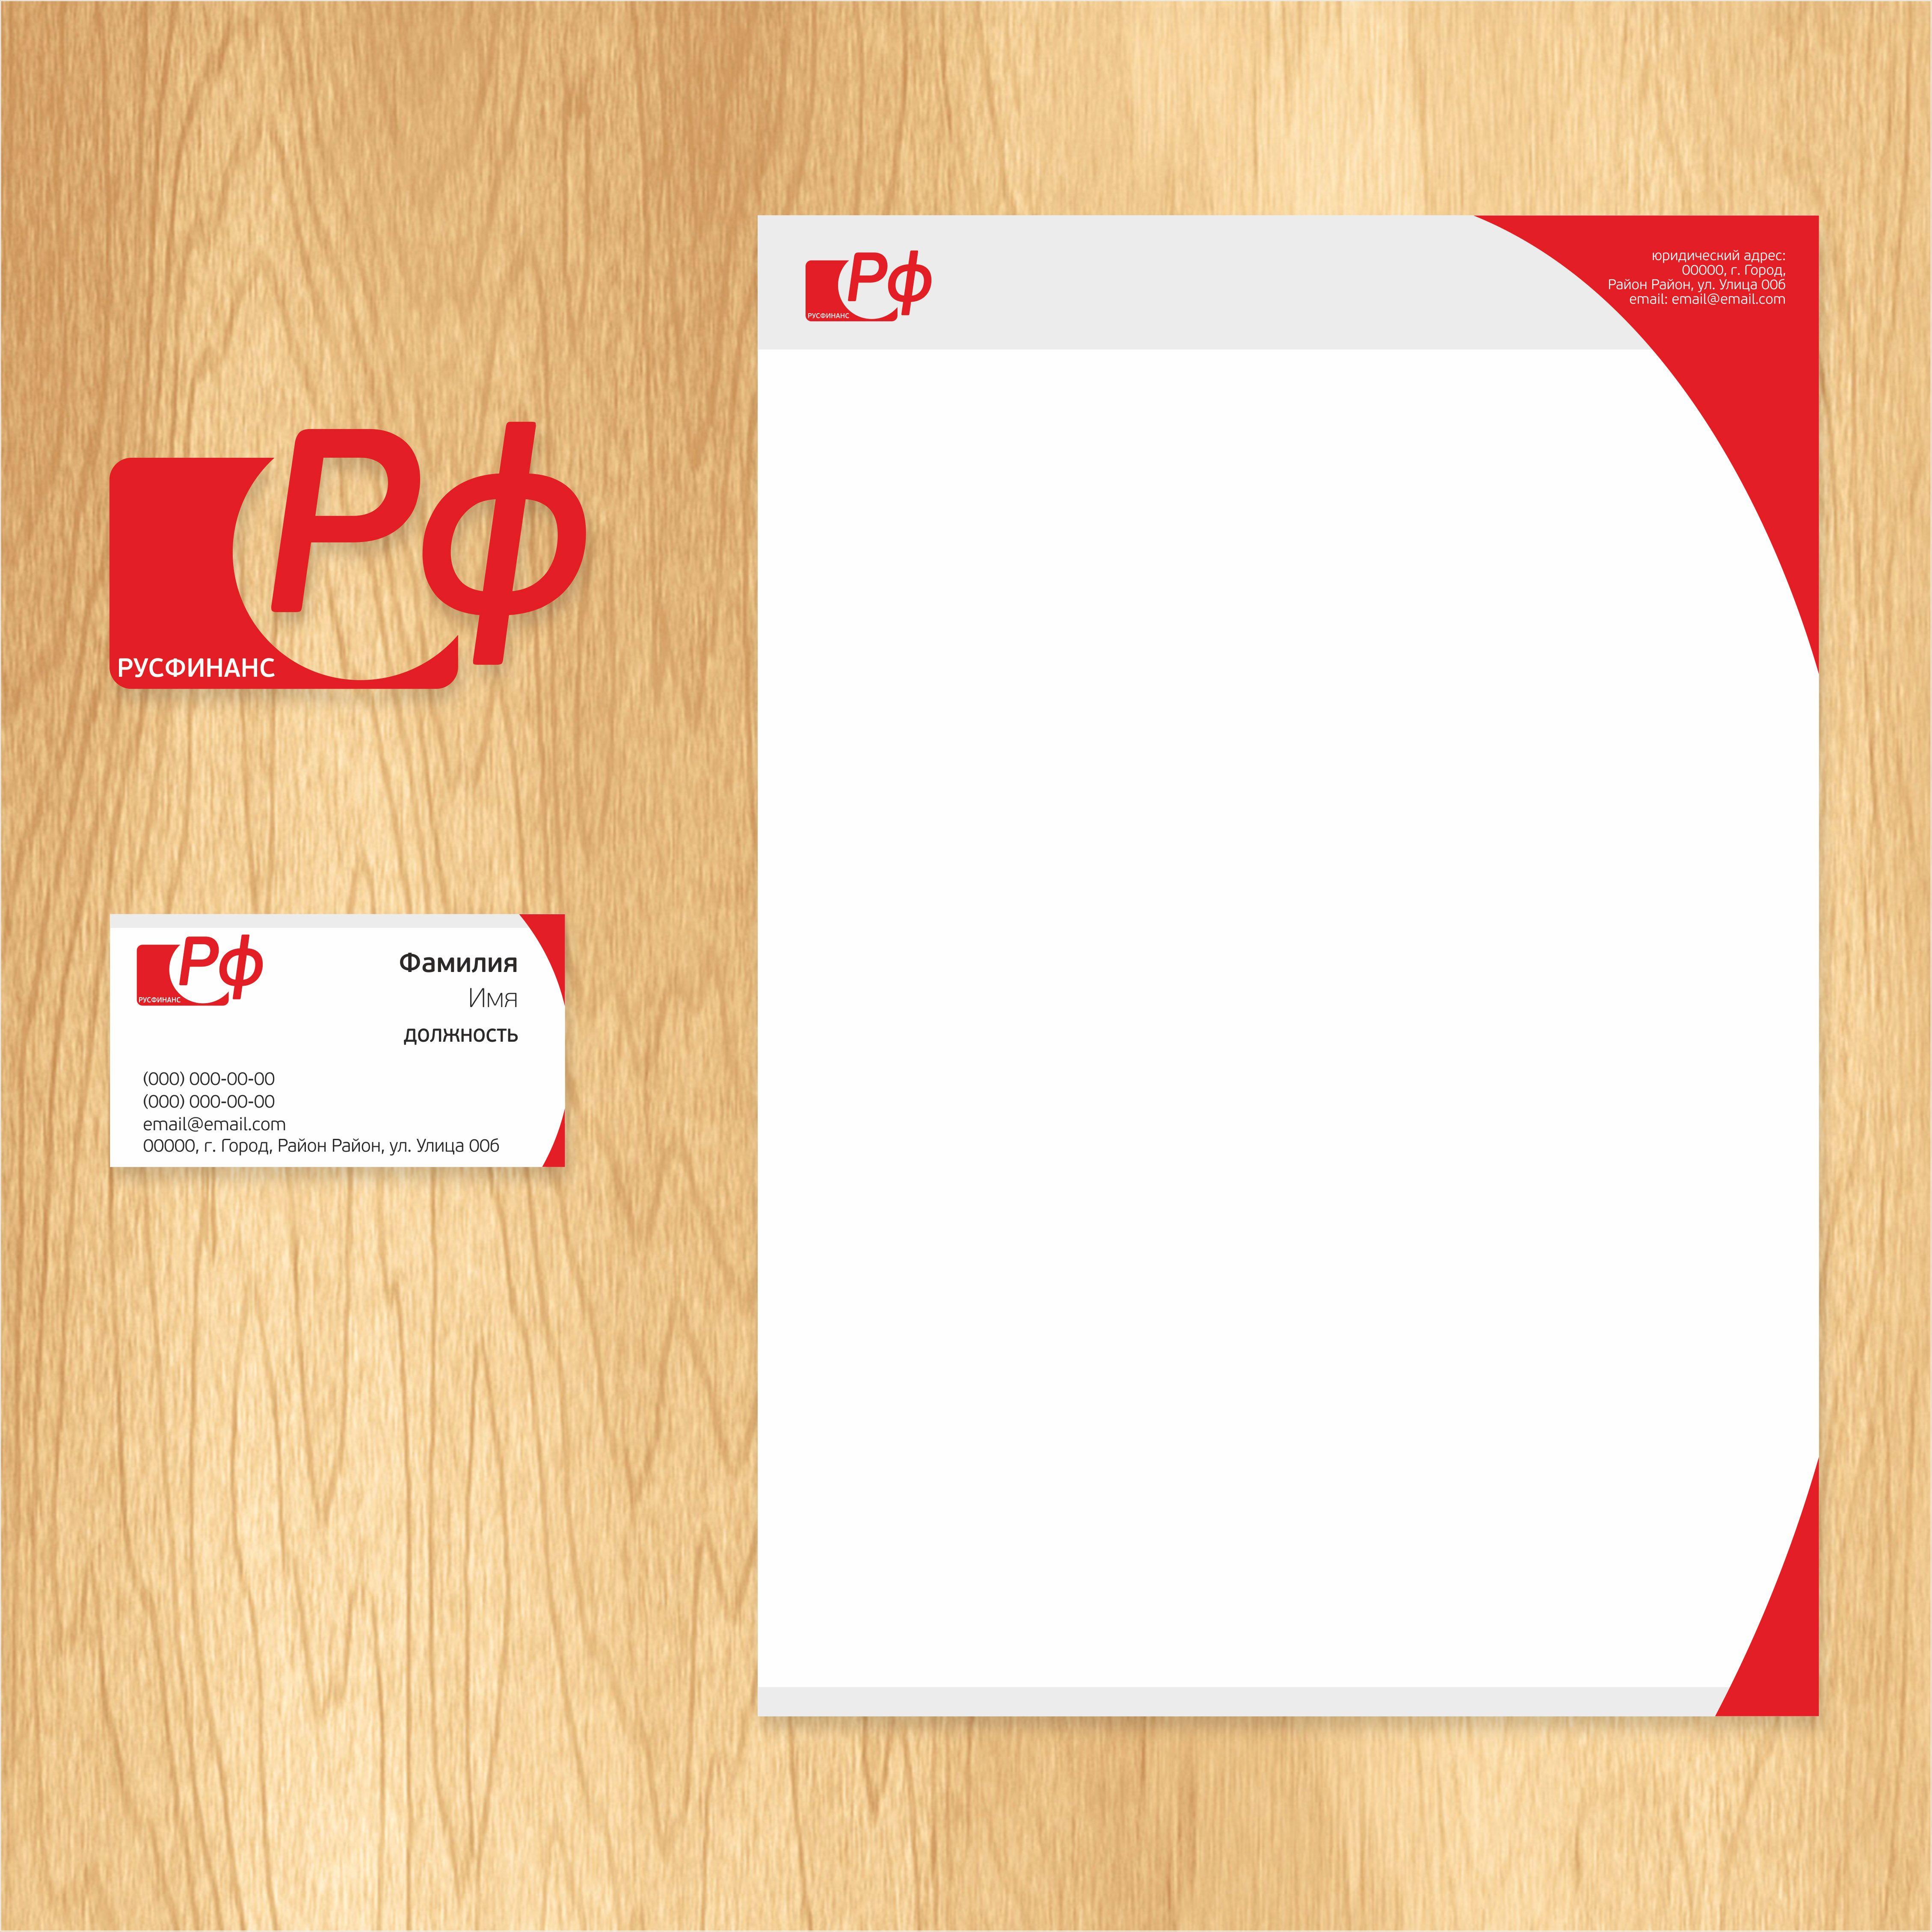 Логотип для Русфинанс - дизайнер PUPIK